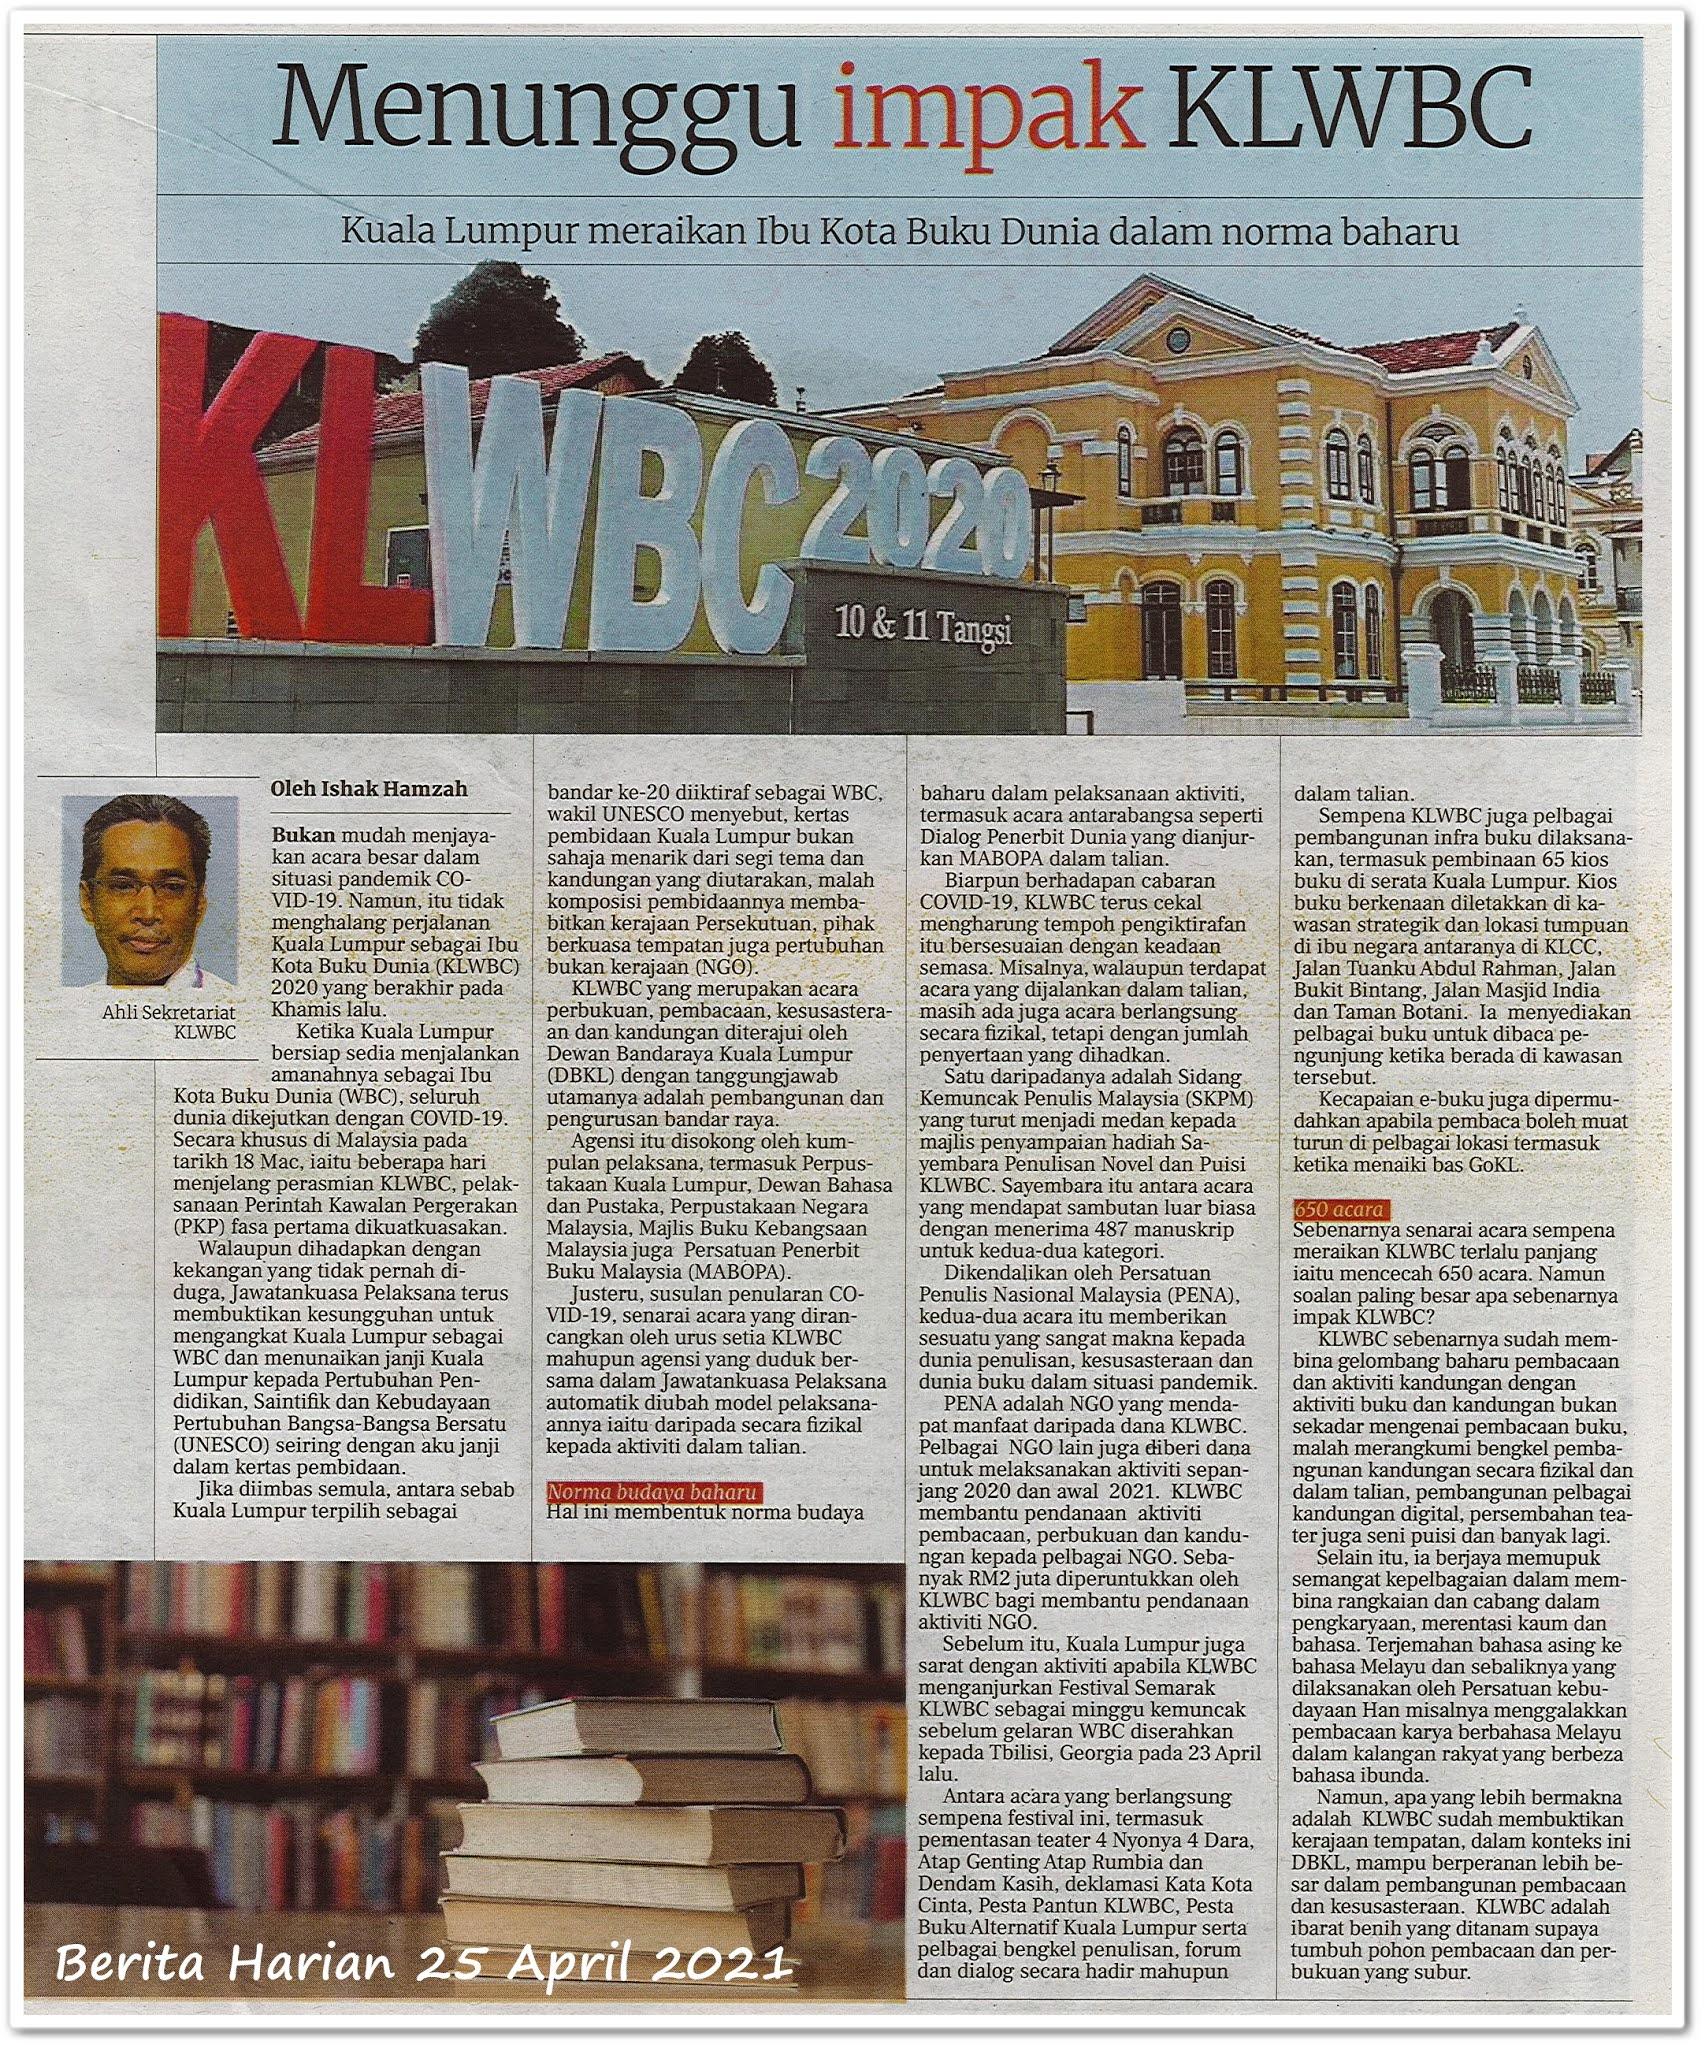 Menunggu impak KLWBC - Keratan akhbar Berita Harian 25 April 2021